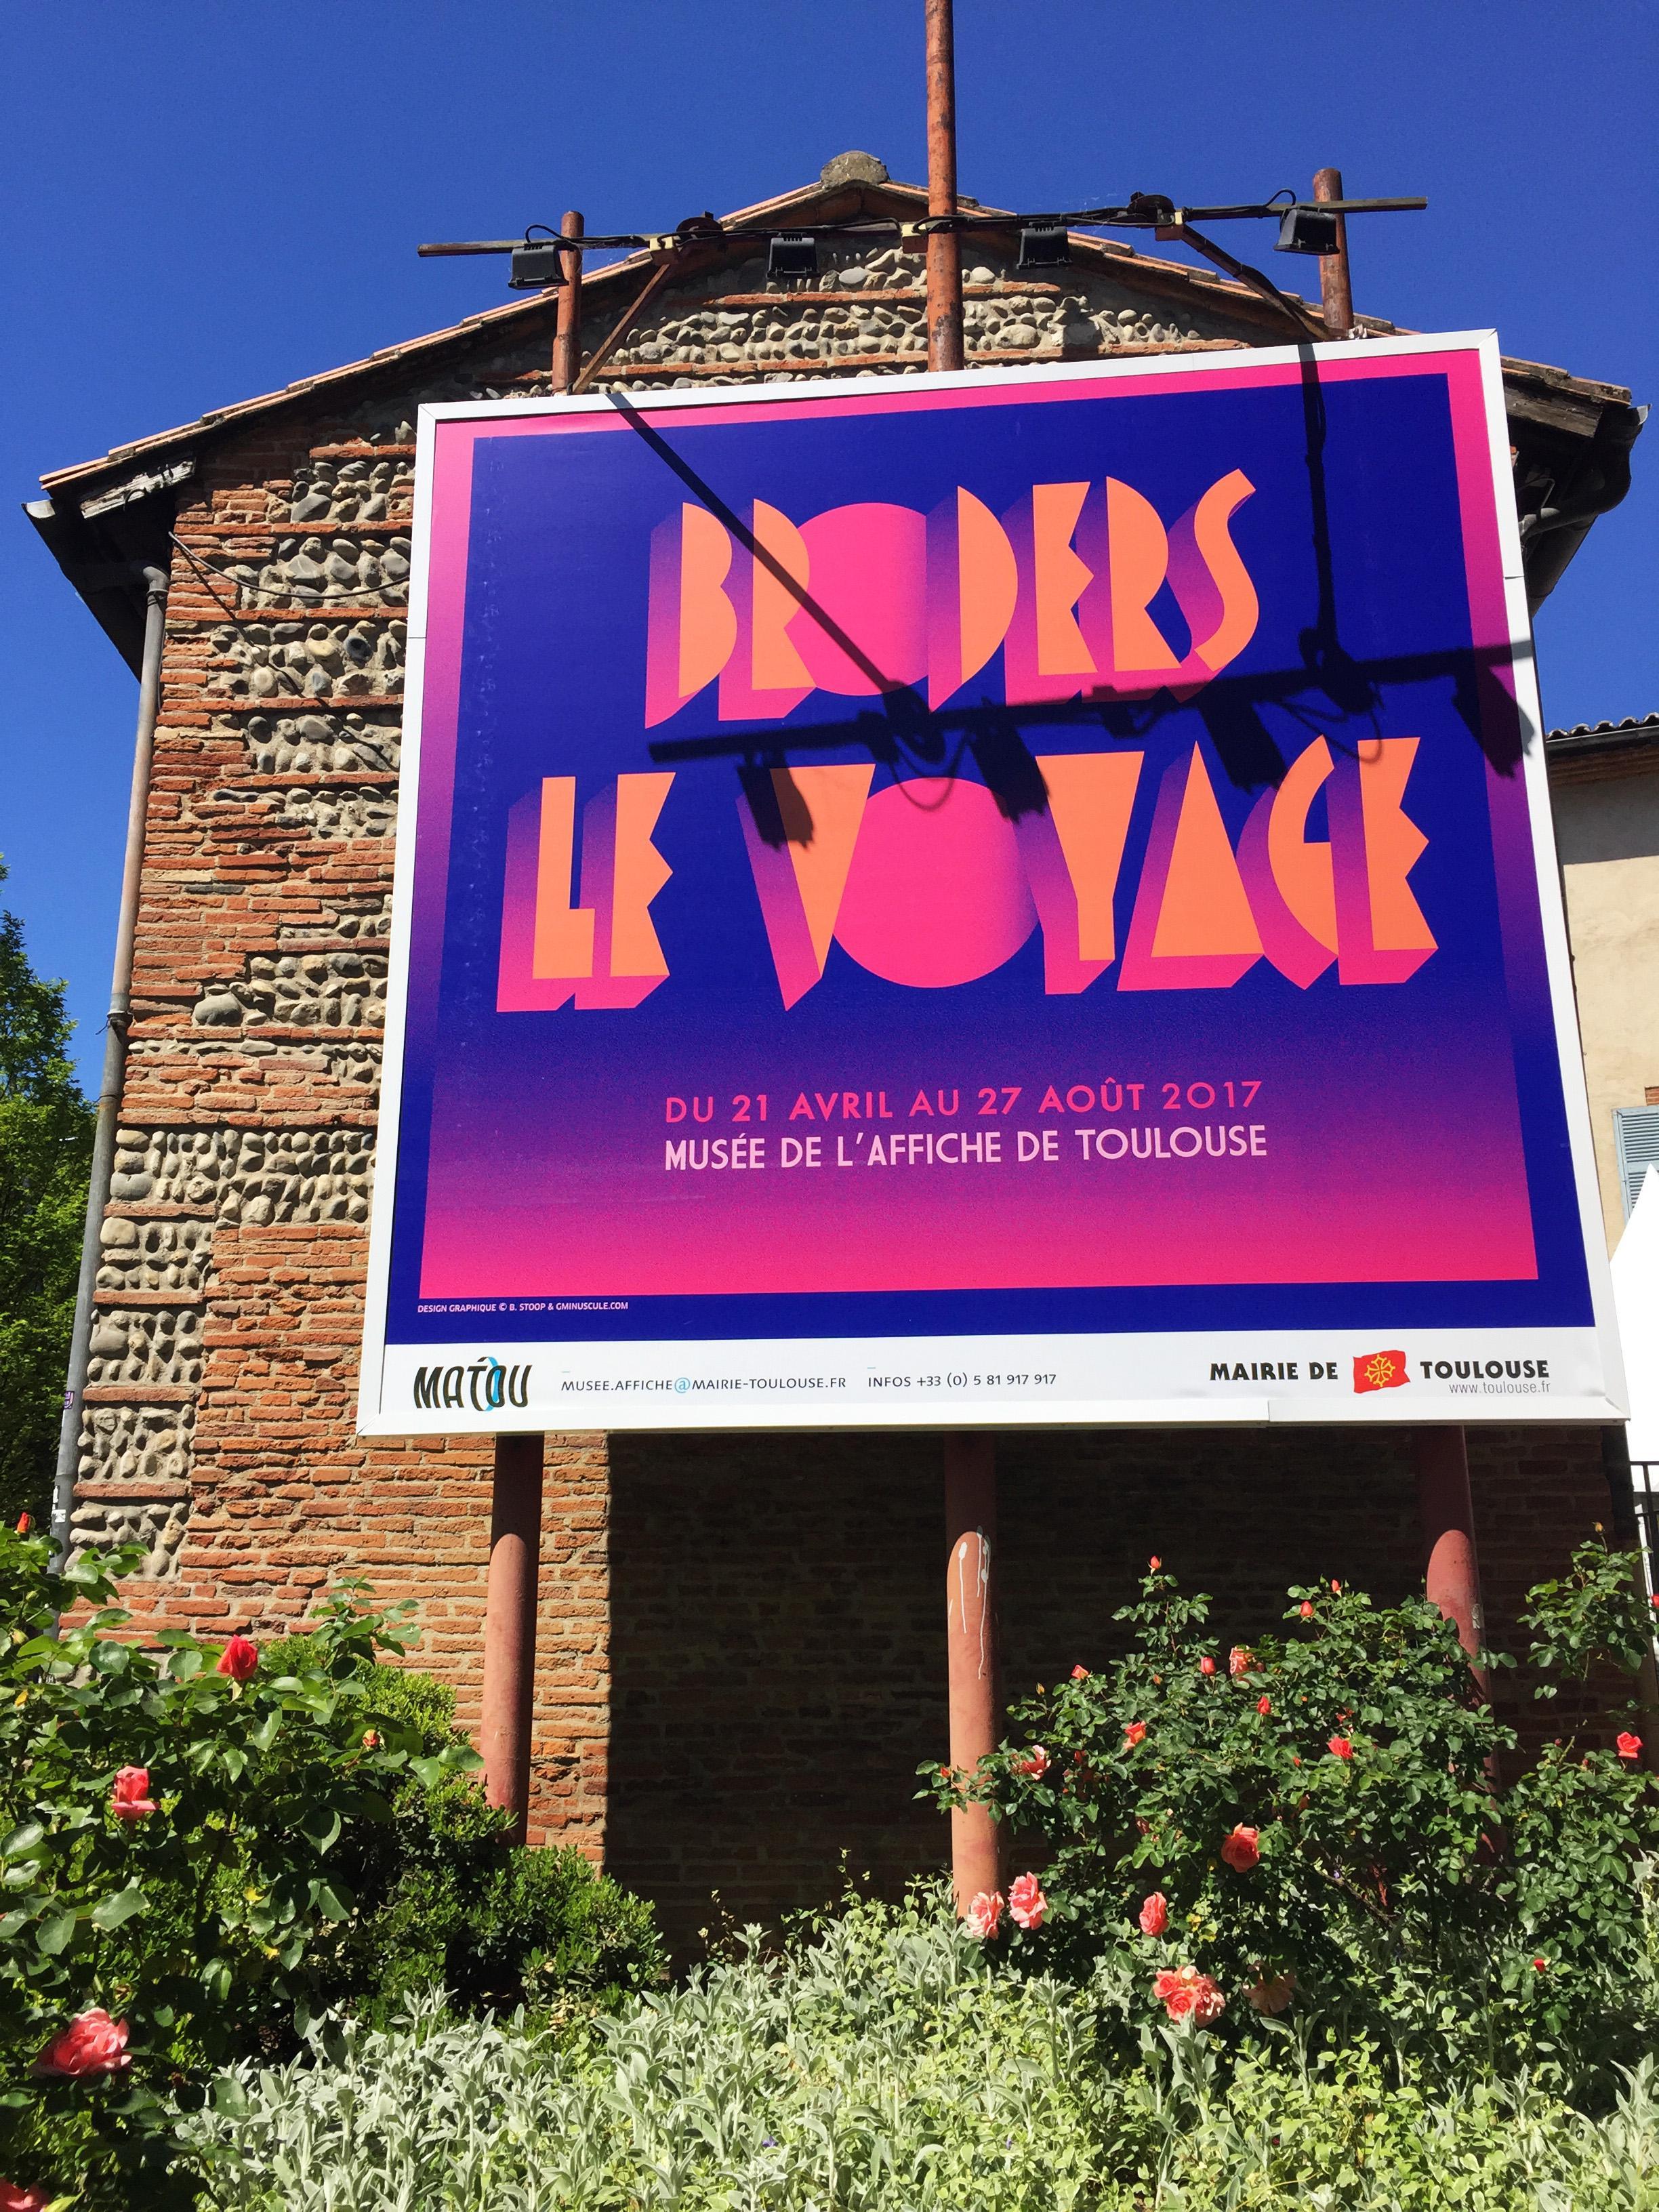 Image : Matou, Musee De L'affiche De Toulouse